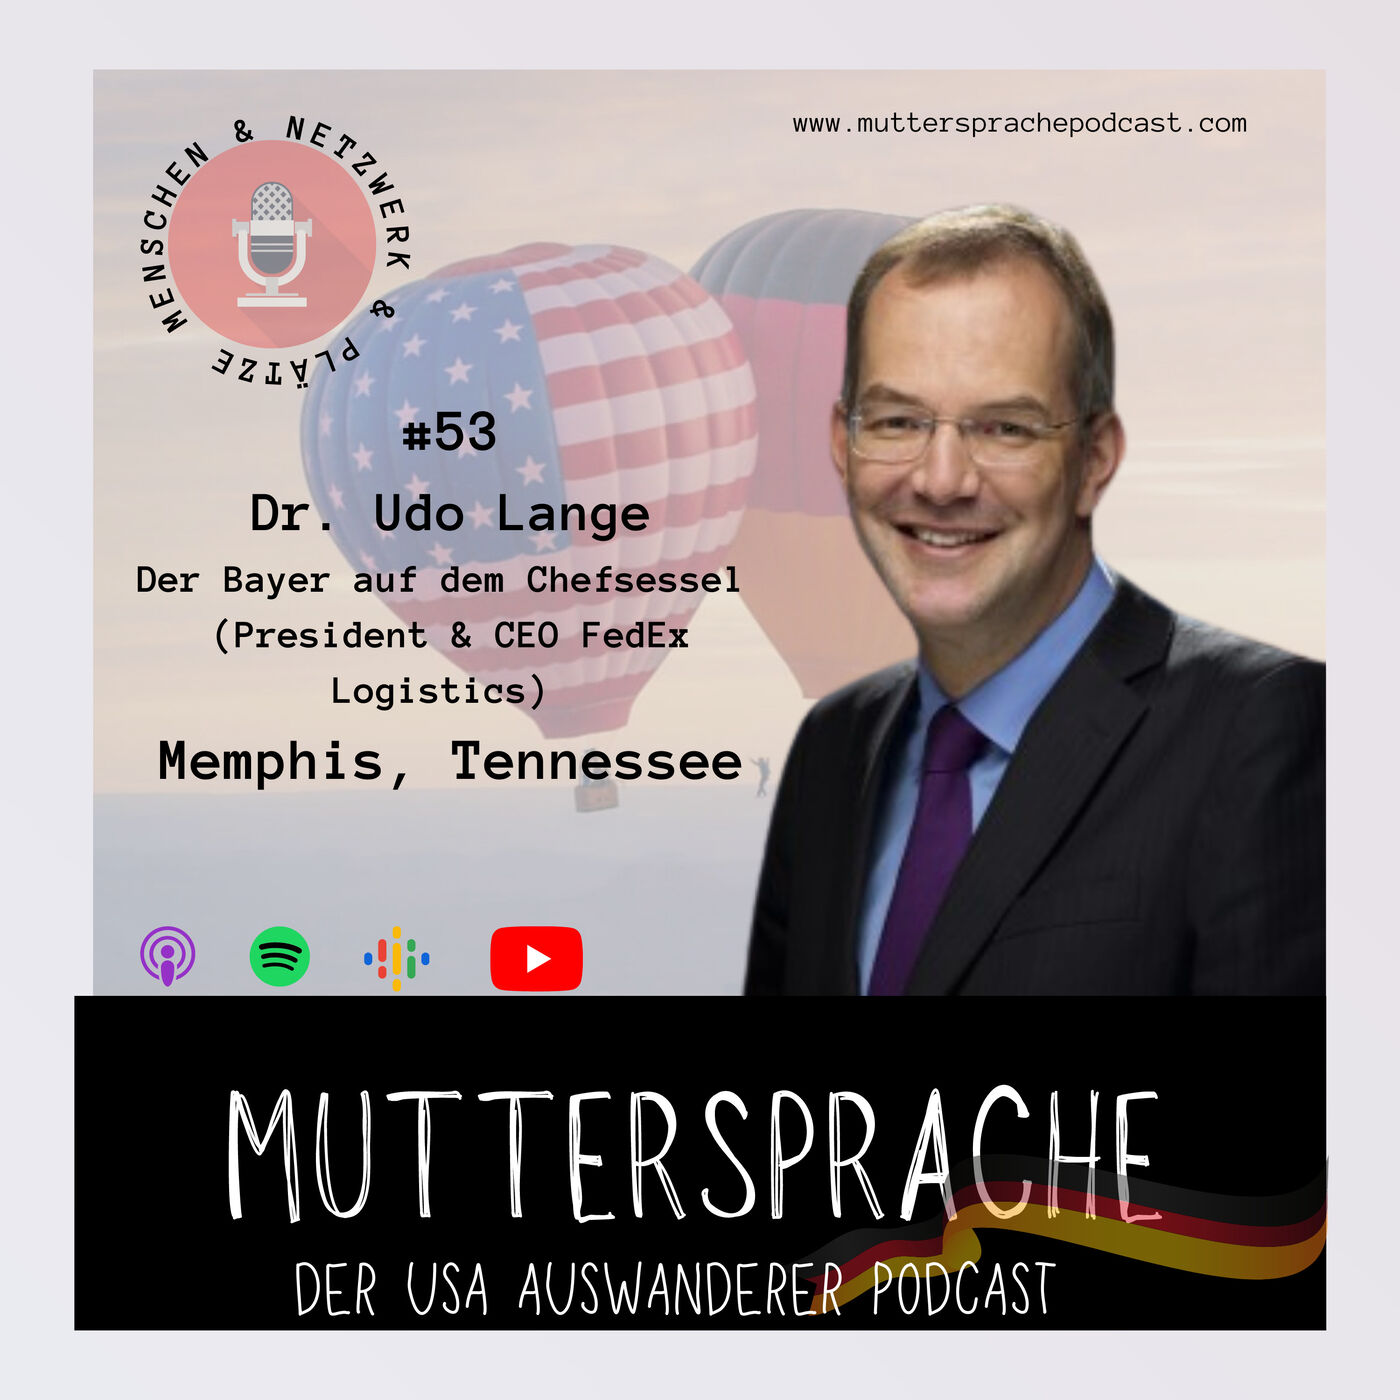 Folge 53: Der Bayer auf dem Chefsessel - DR. UDO Lange, President & CEO FedEx Logistics, Memphis Tennessee